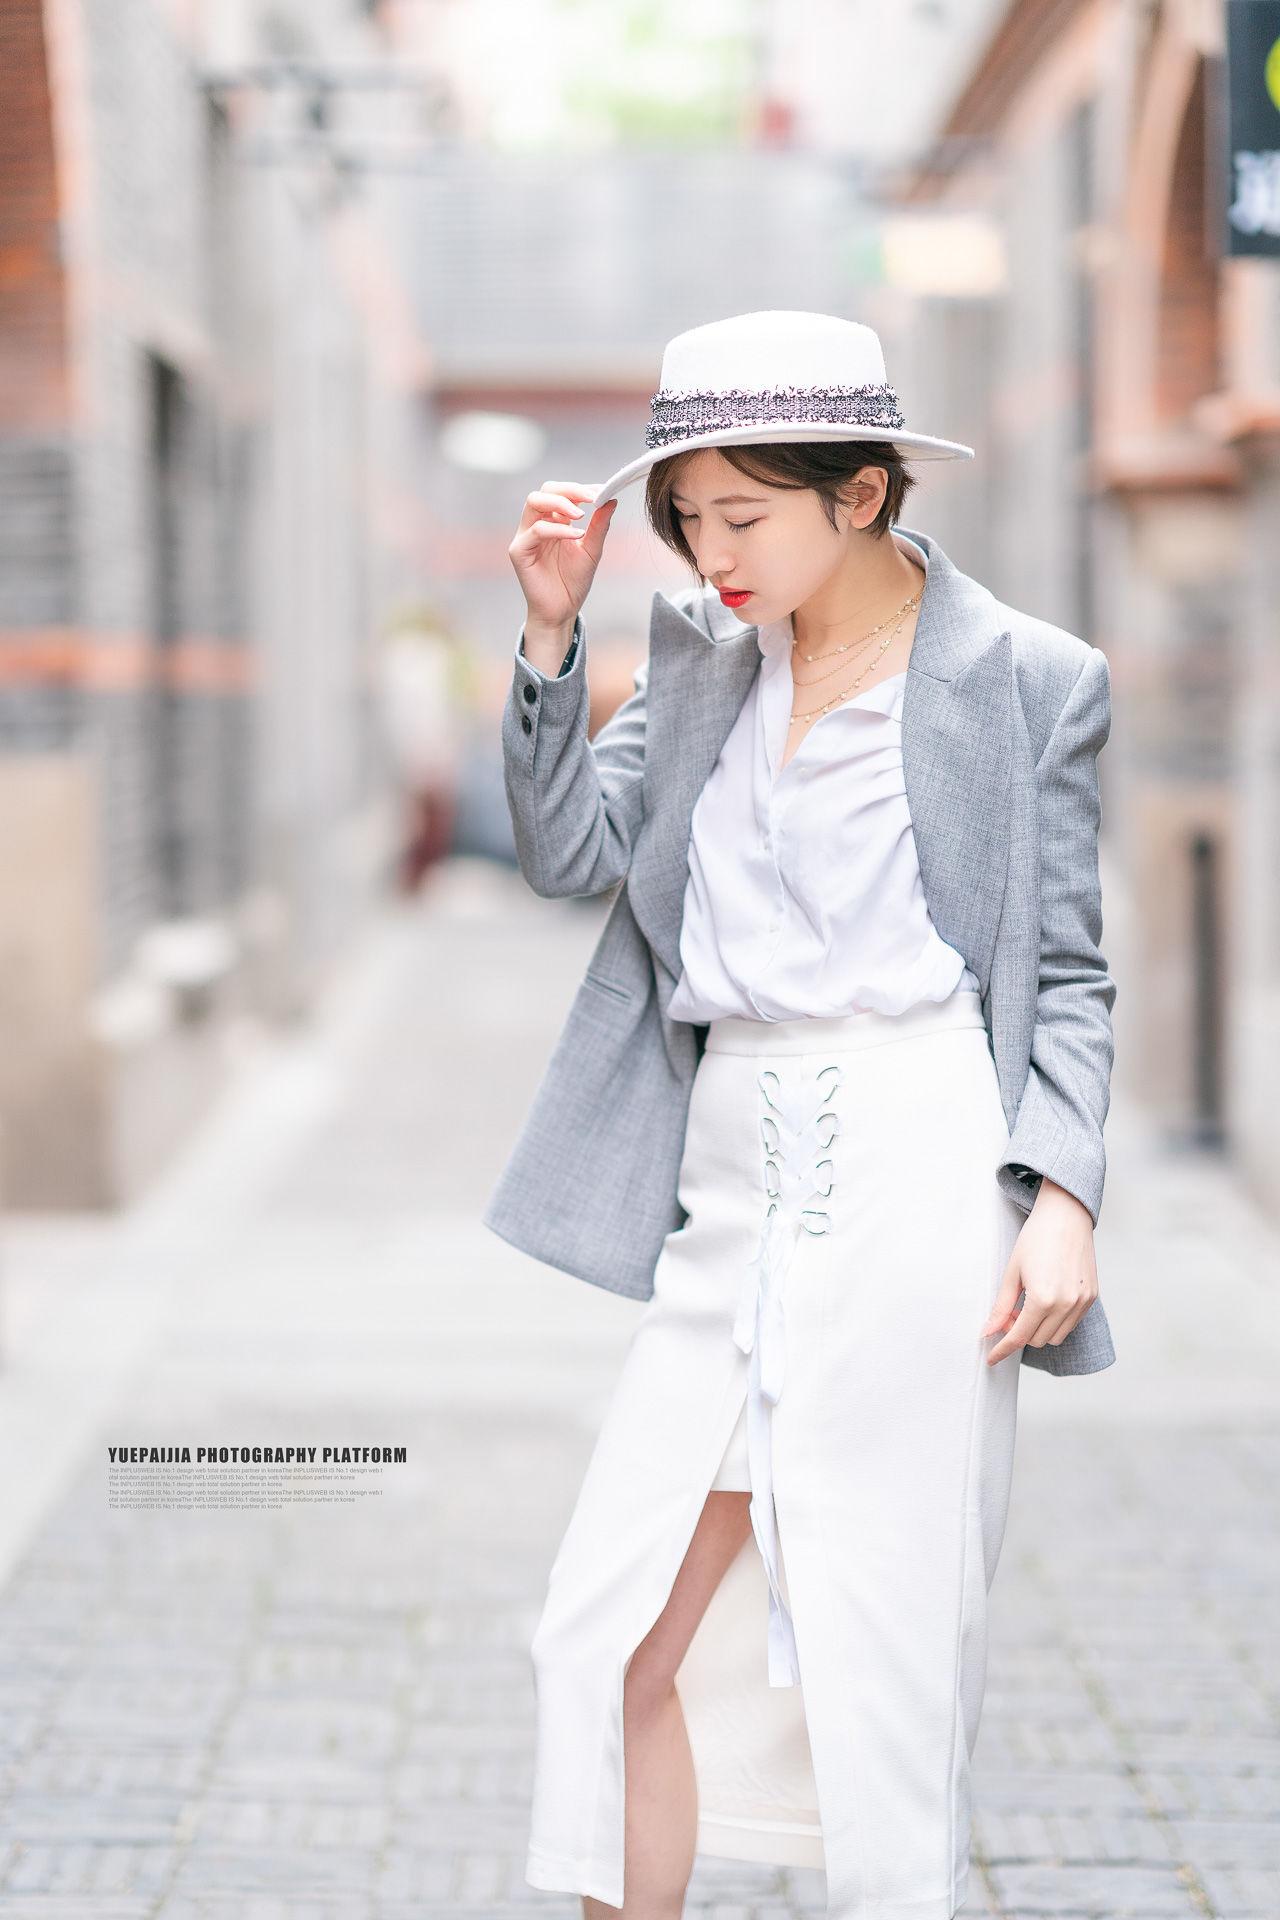 2019-04-14 新天地拍攝_攝影師蔣俞歡 模特IVY